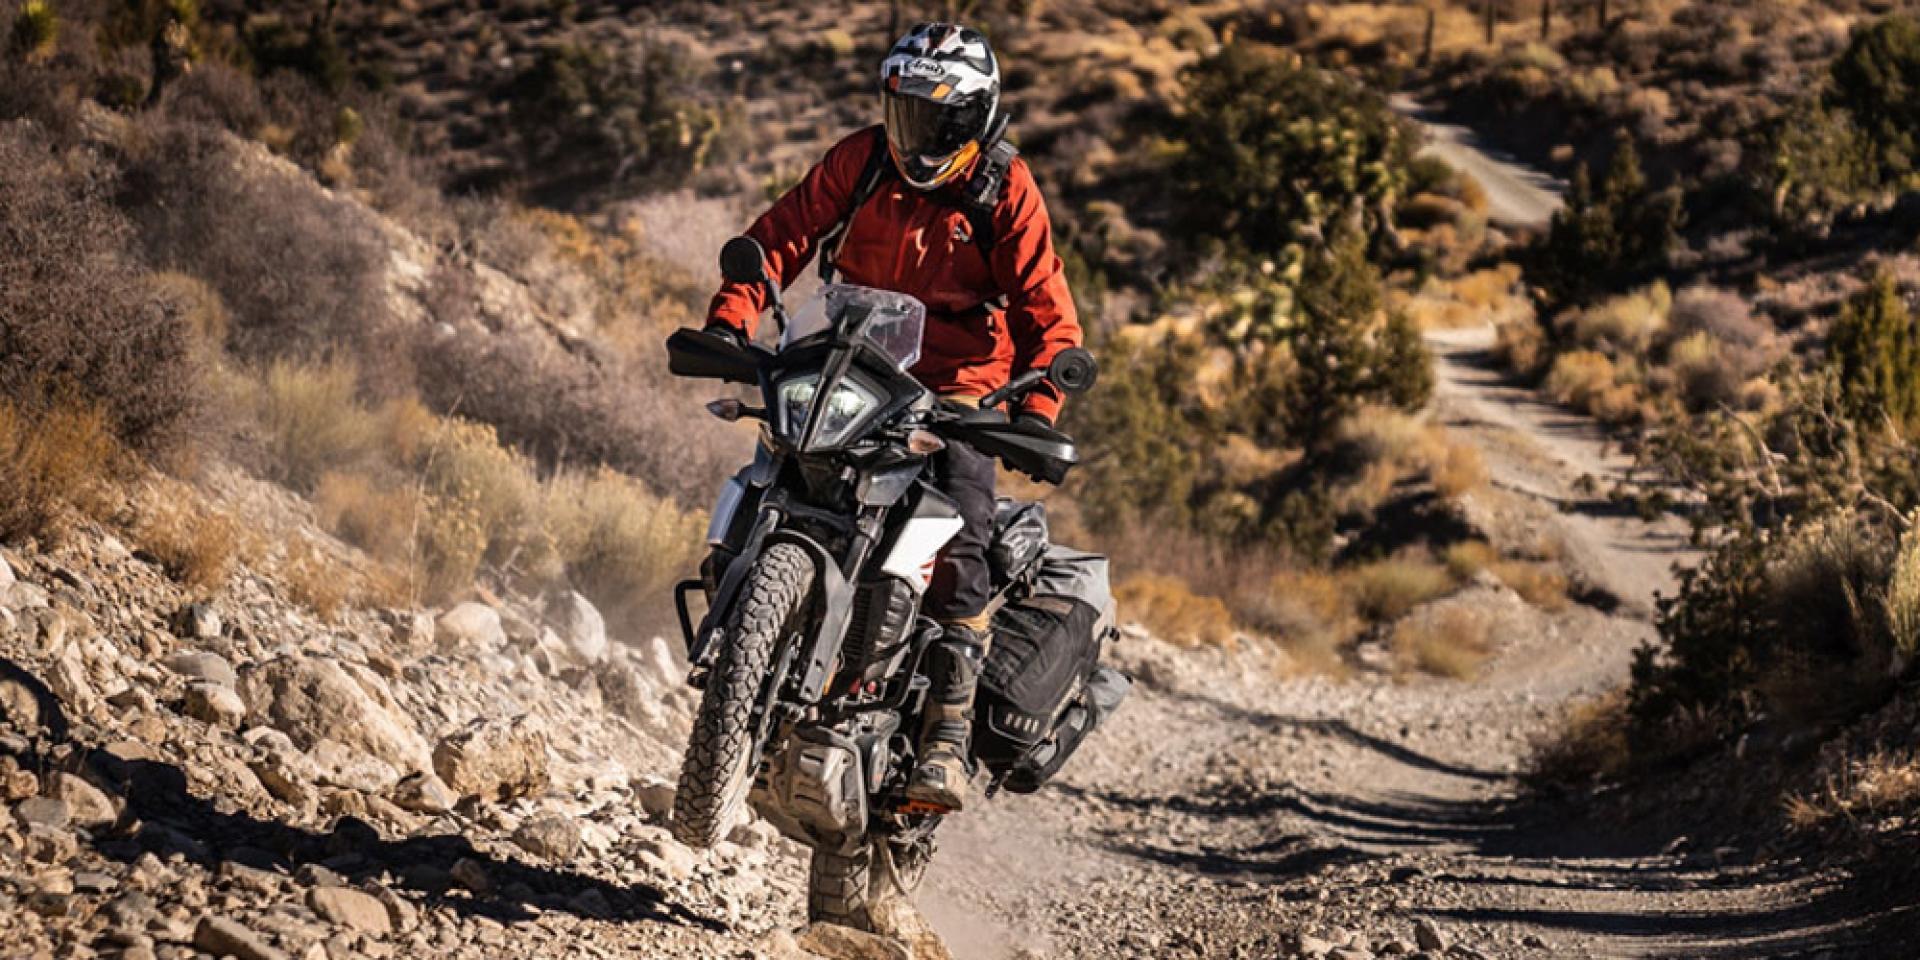 強化越野玩樂性!KTM 390 ADVENTURE 新增原廠鋼絲框選配